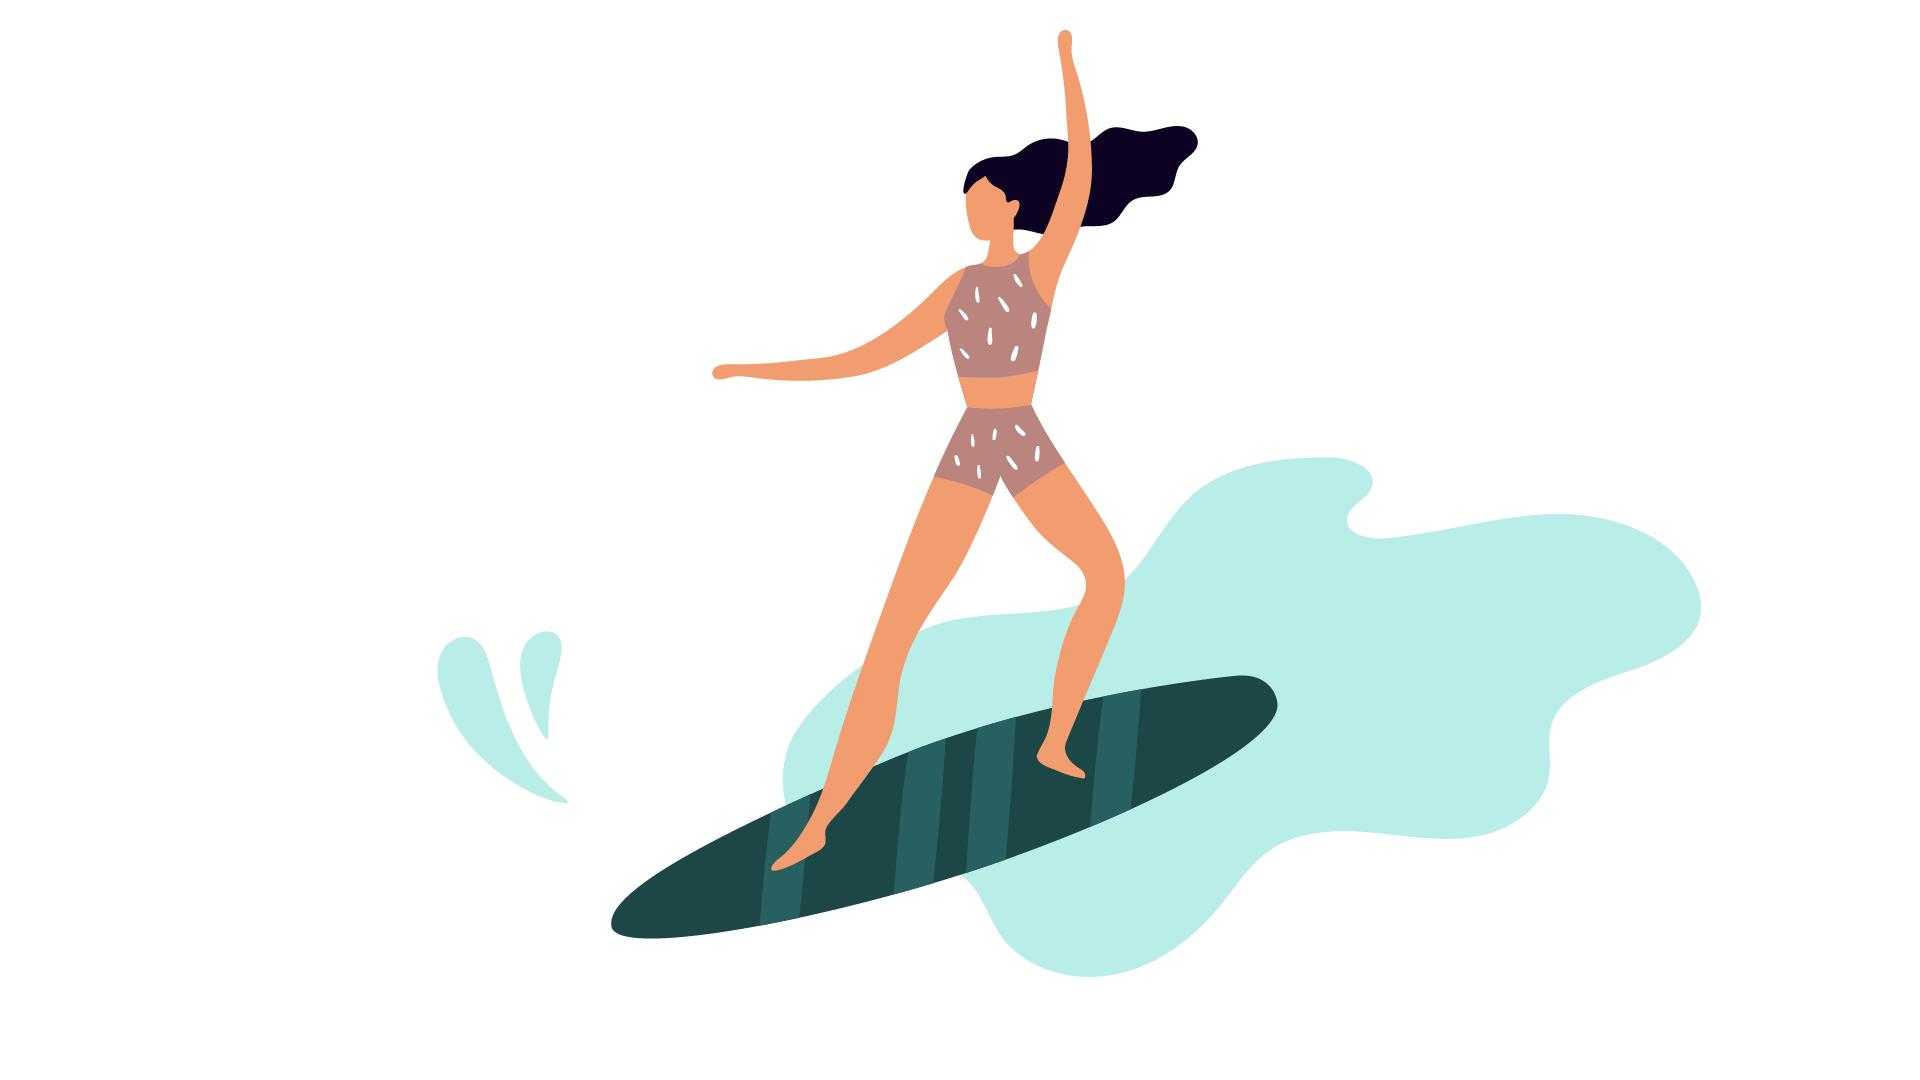 Une personne qui surfe sur la vague